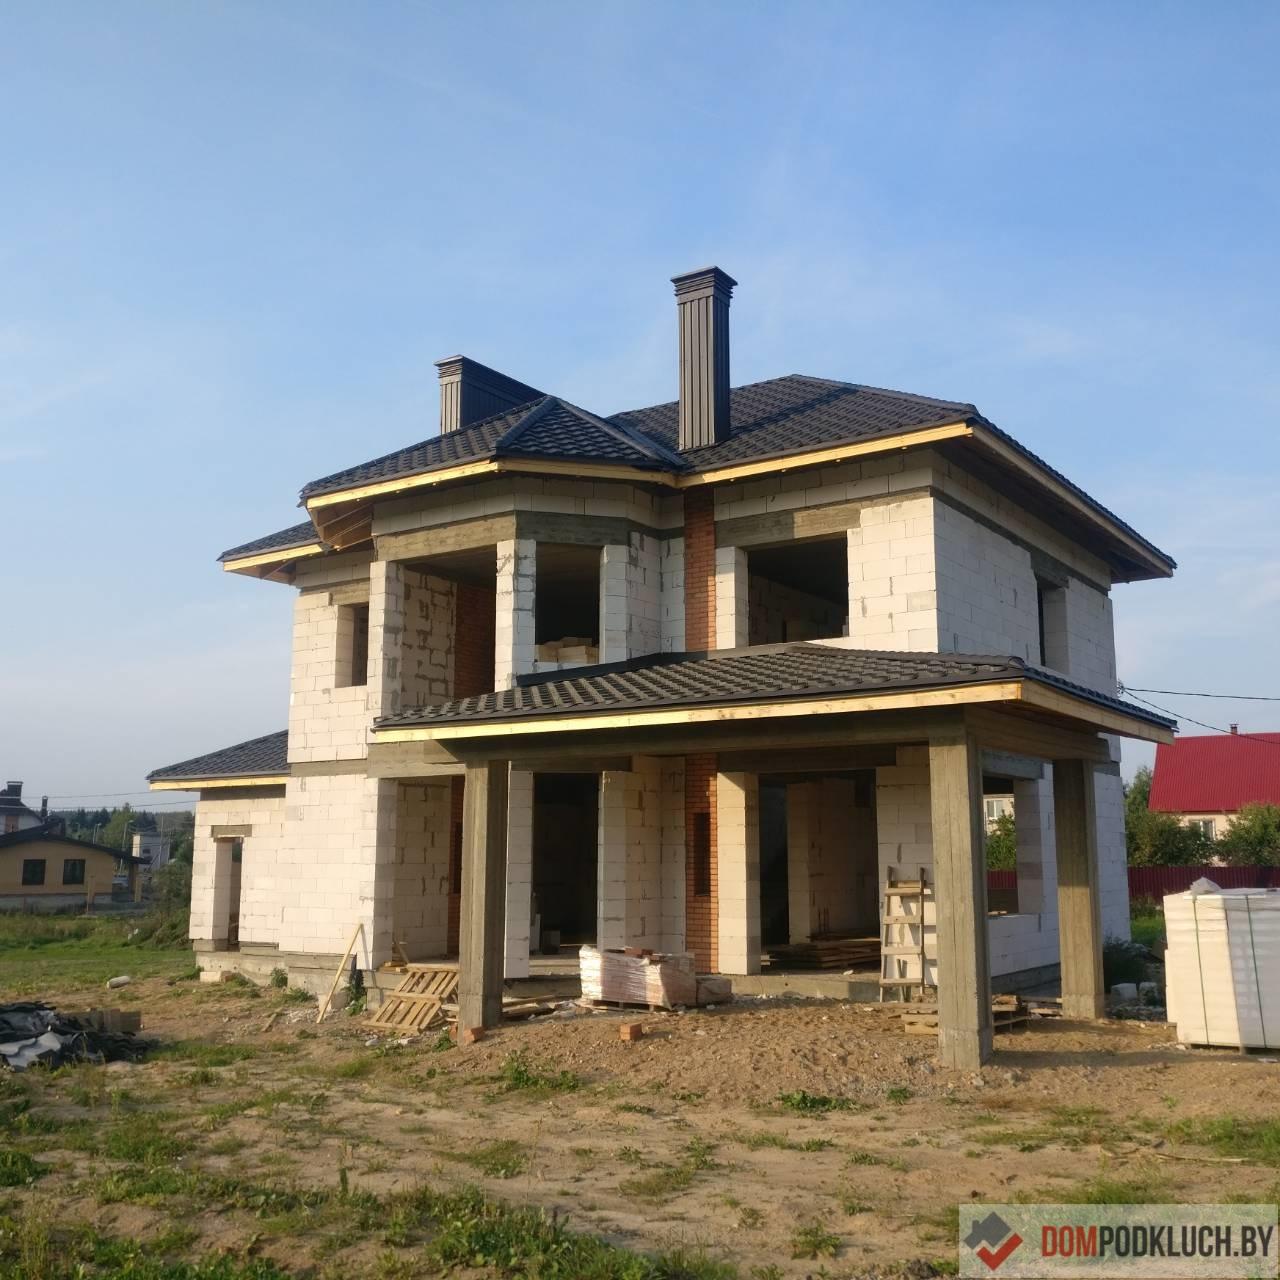 Построенный двухэтажный дом без отделки